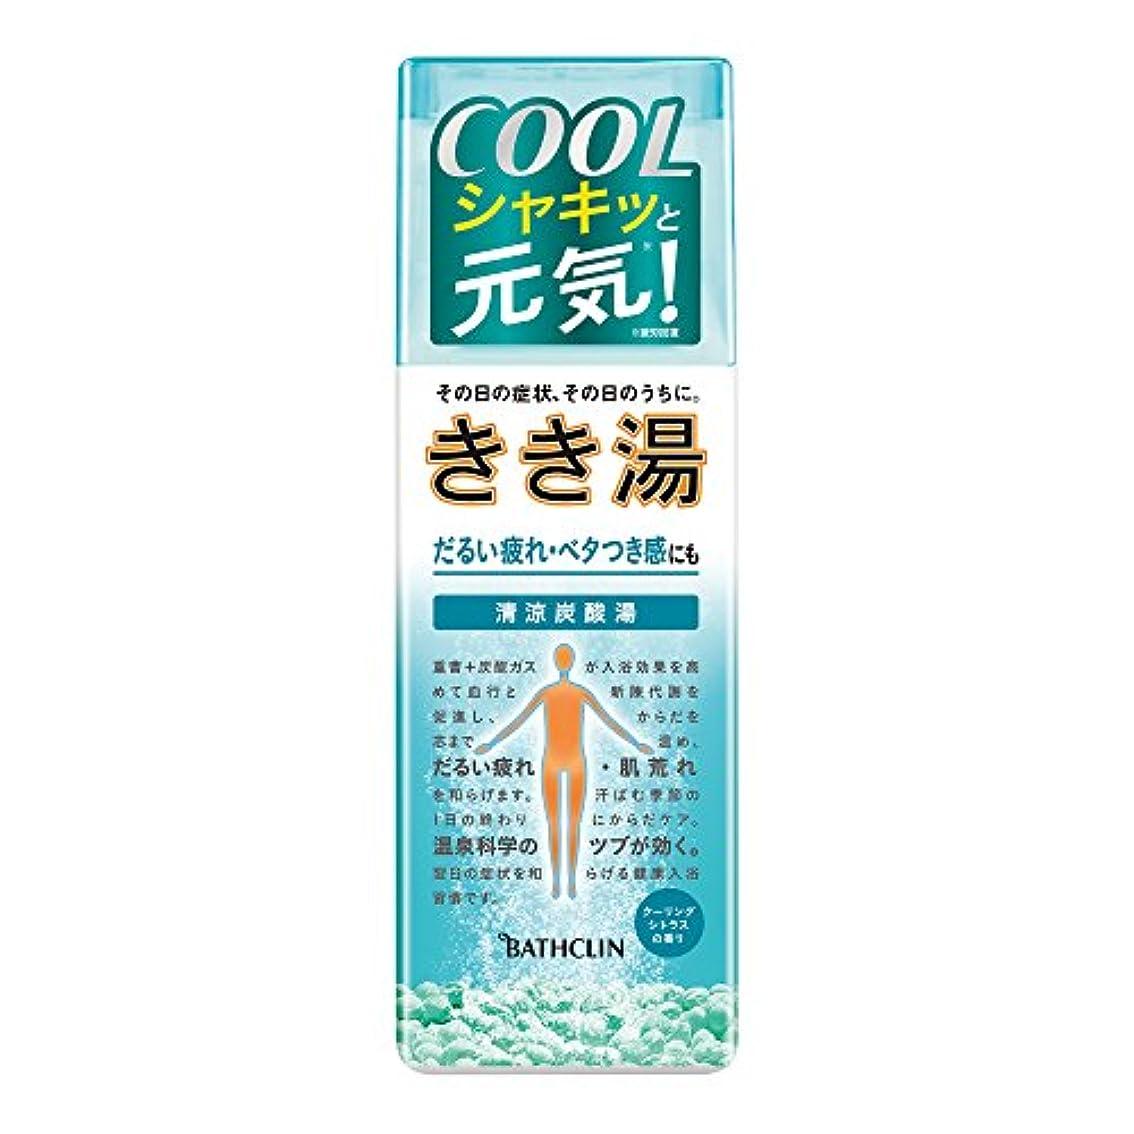 伝導添加考え【医薬部外品】きき湯清涼炭酸湯クーリングシトラスの香り360gスカイブルーの湯透明タイプ入浴剤